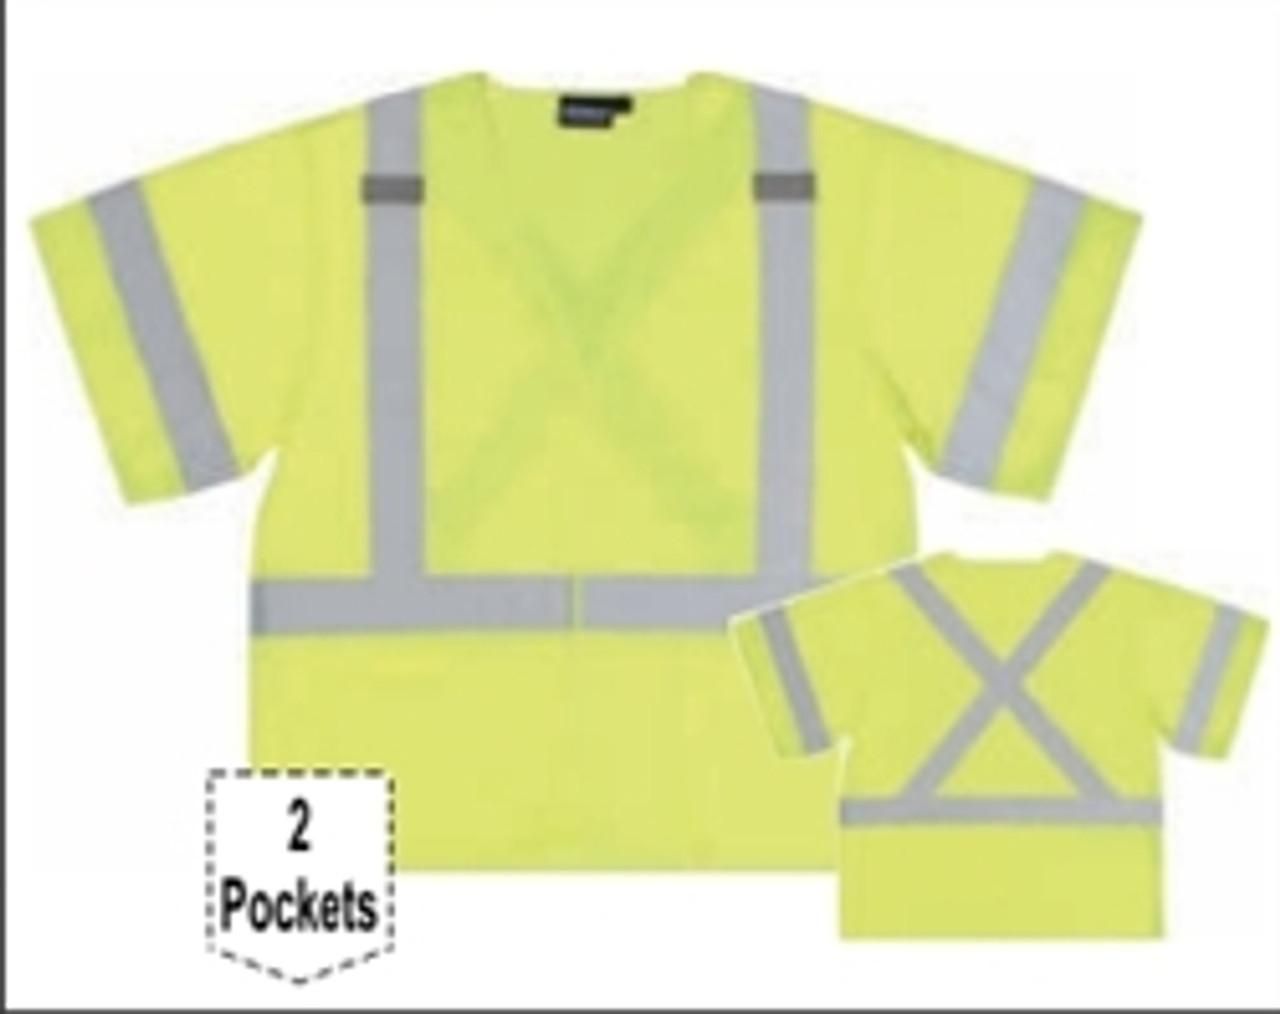 X Back Hi-Vis Lime Safety Vest ANSI Class 3 - ERB S549